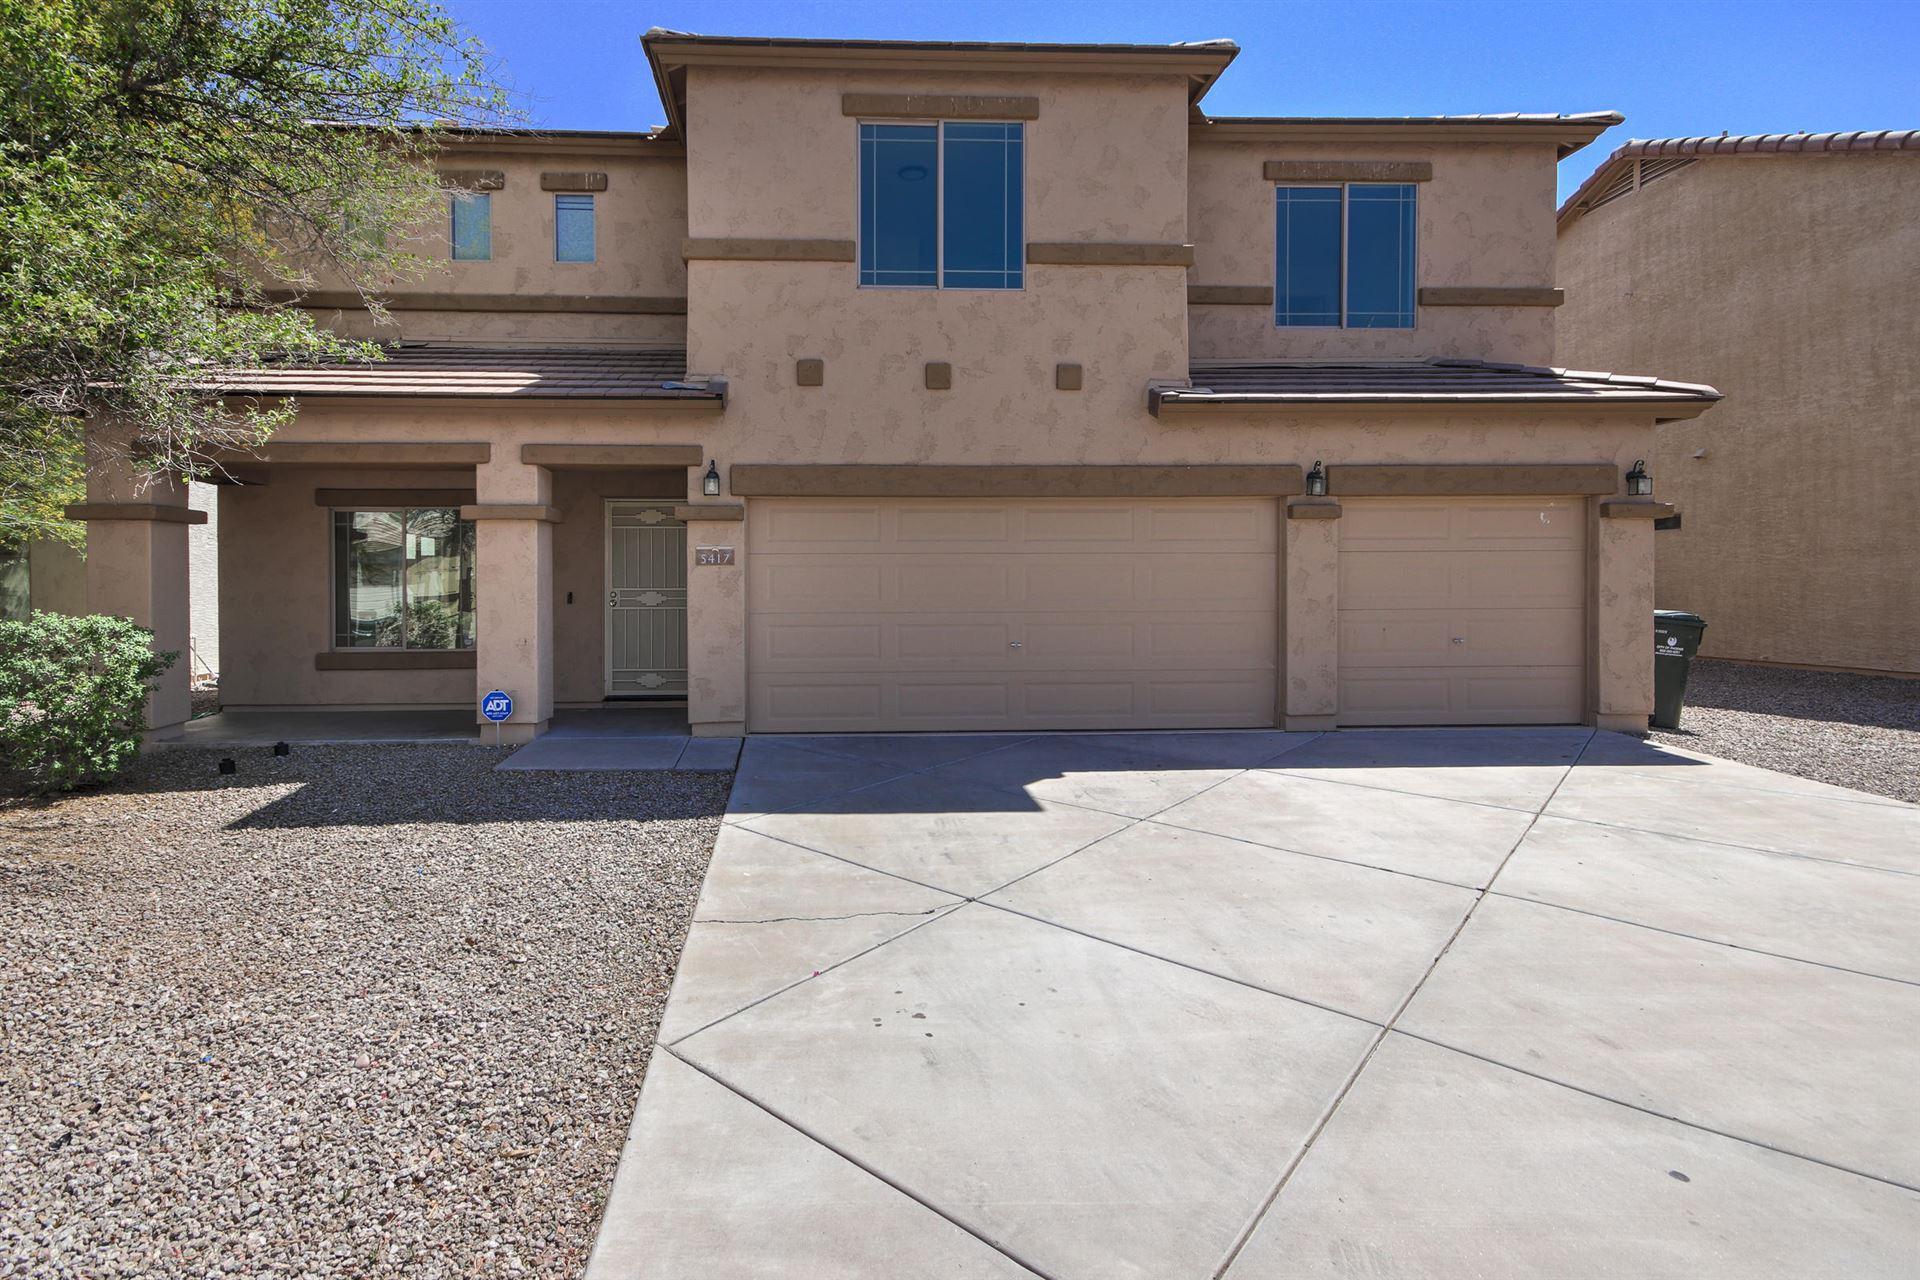 Photo of 5417 W APOLLO Road, Laveen, AZ 85339 (MLS # 6226815)